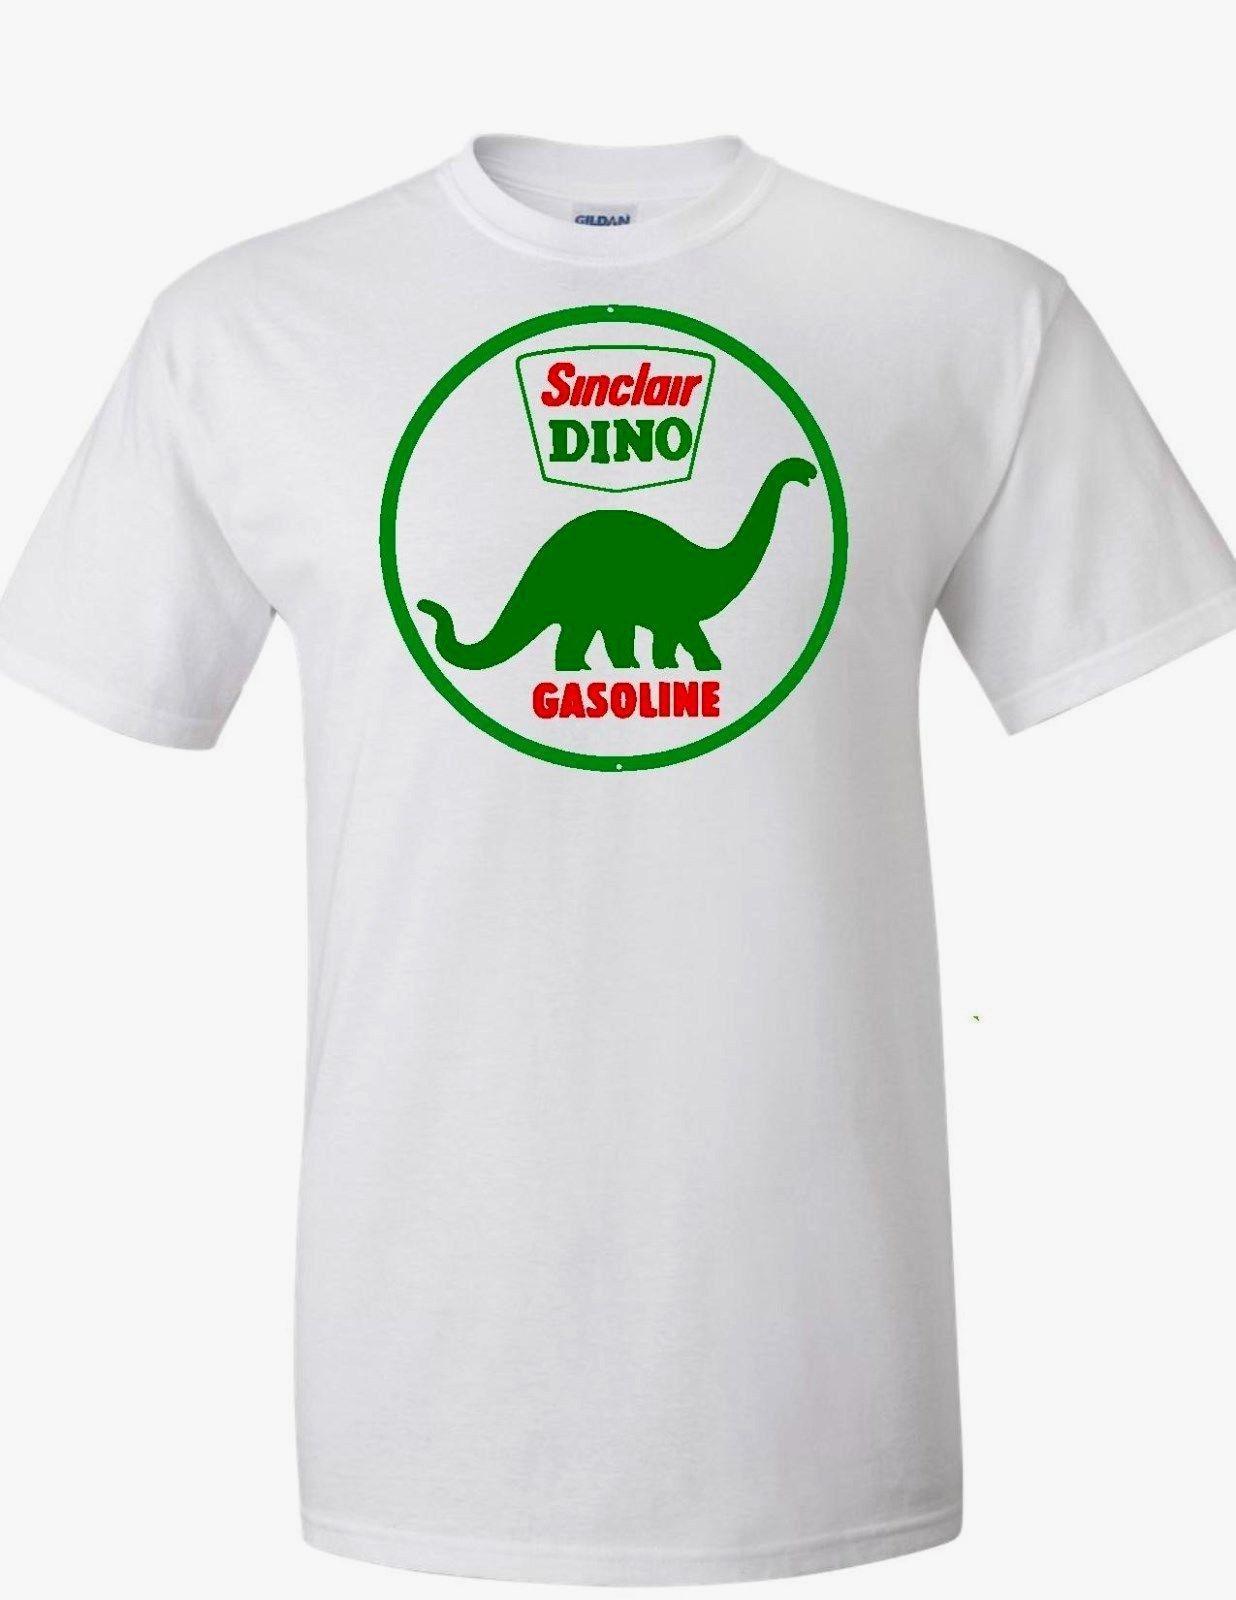 Dino Dinosaure Sinclair Gaz Essence Homme Noir Blanc Sweat Rétro